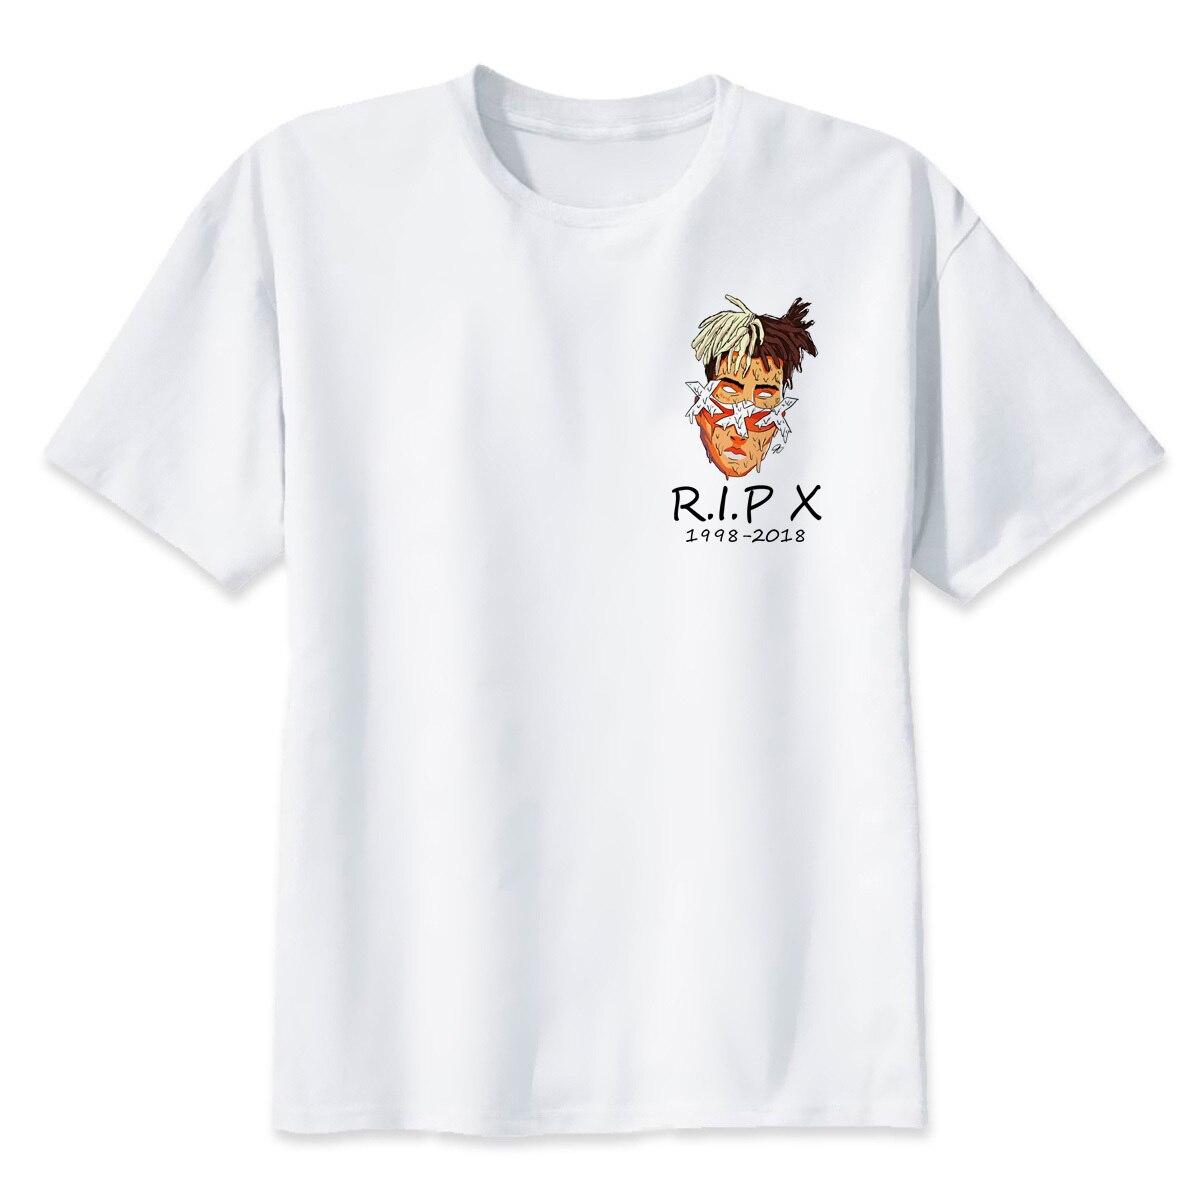 Xxxtentacion RIP Caractères Imprimer T-Shirt De Mode t-shirt de mâle Frais O-cou Hommes T-shirt D'été À Manches Courtes Hommes Vêtements